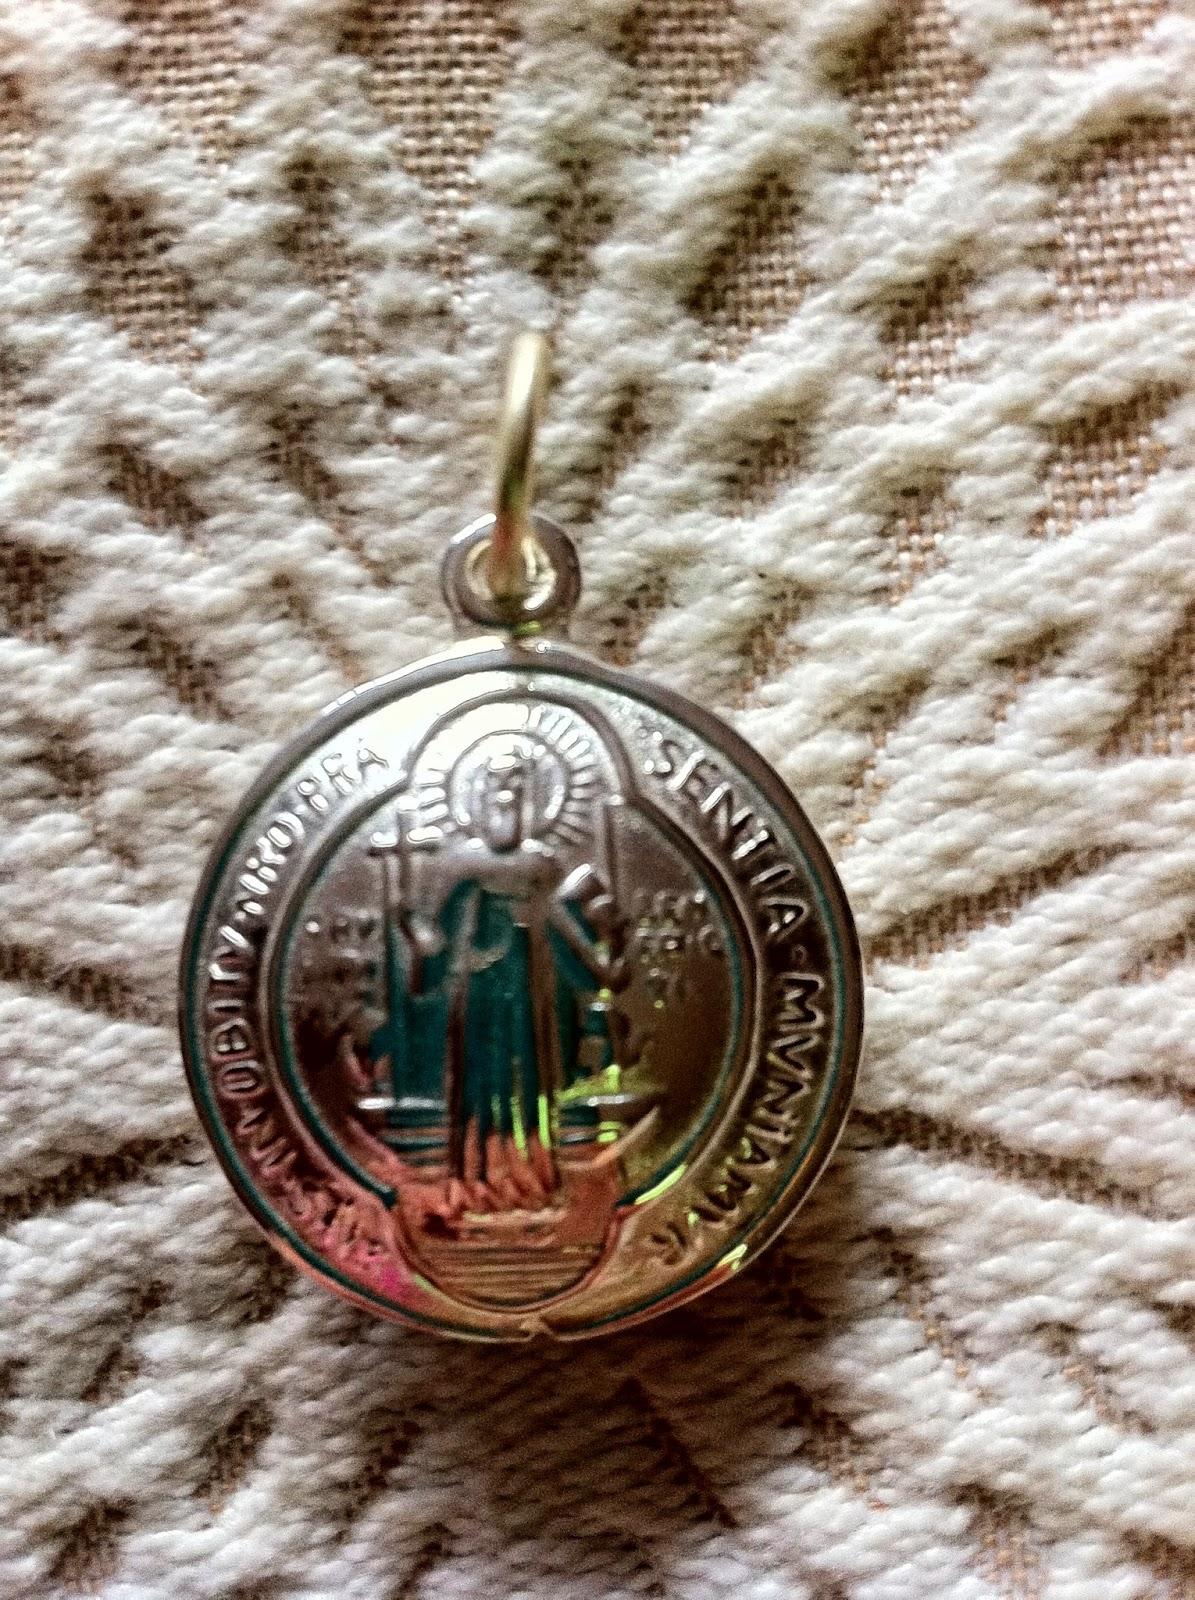 224064c5b3b Adquiere tu medalla aqui dejanos tu comentario para contactarte o  escribenos a quien fue san benito